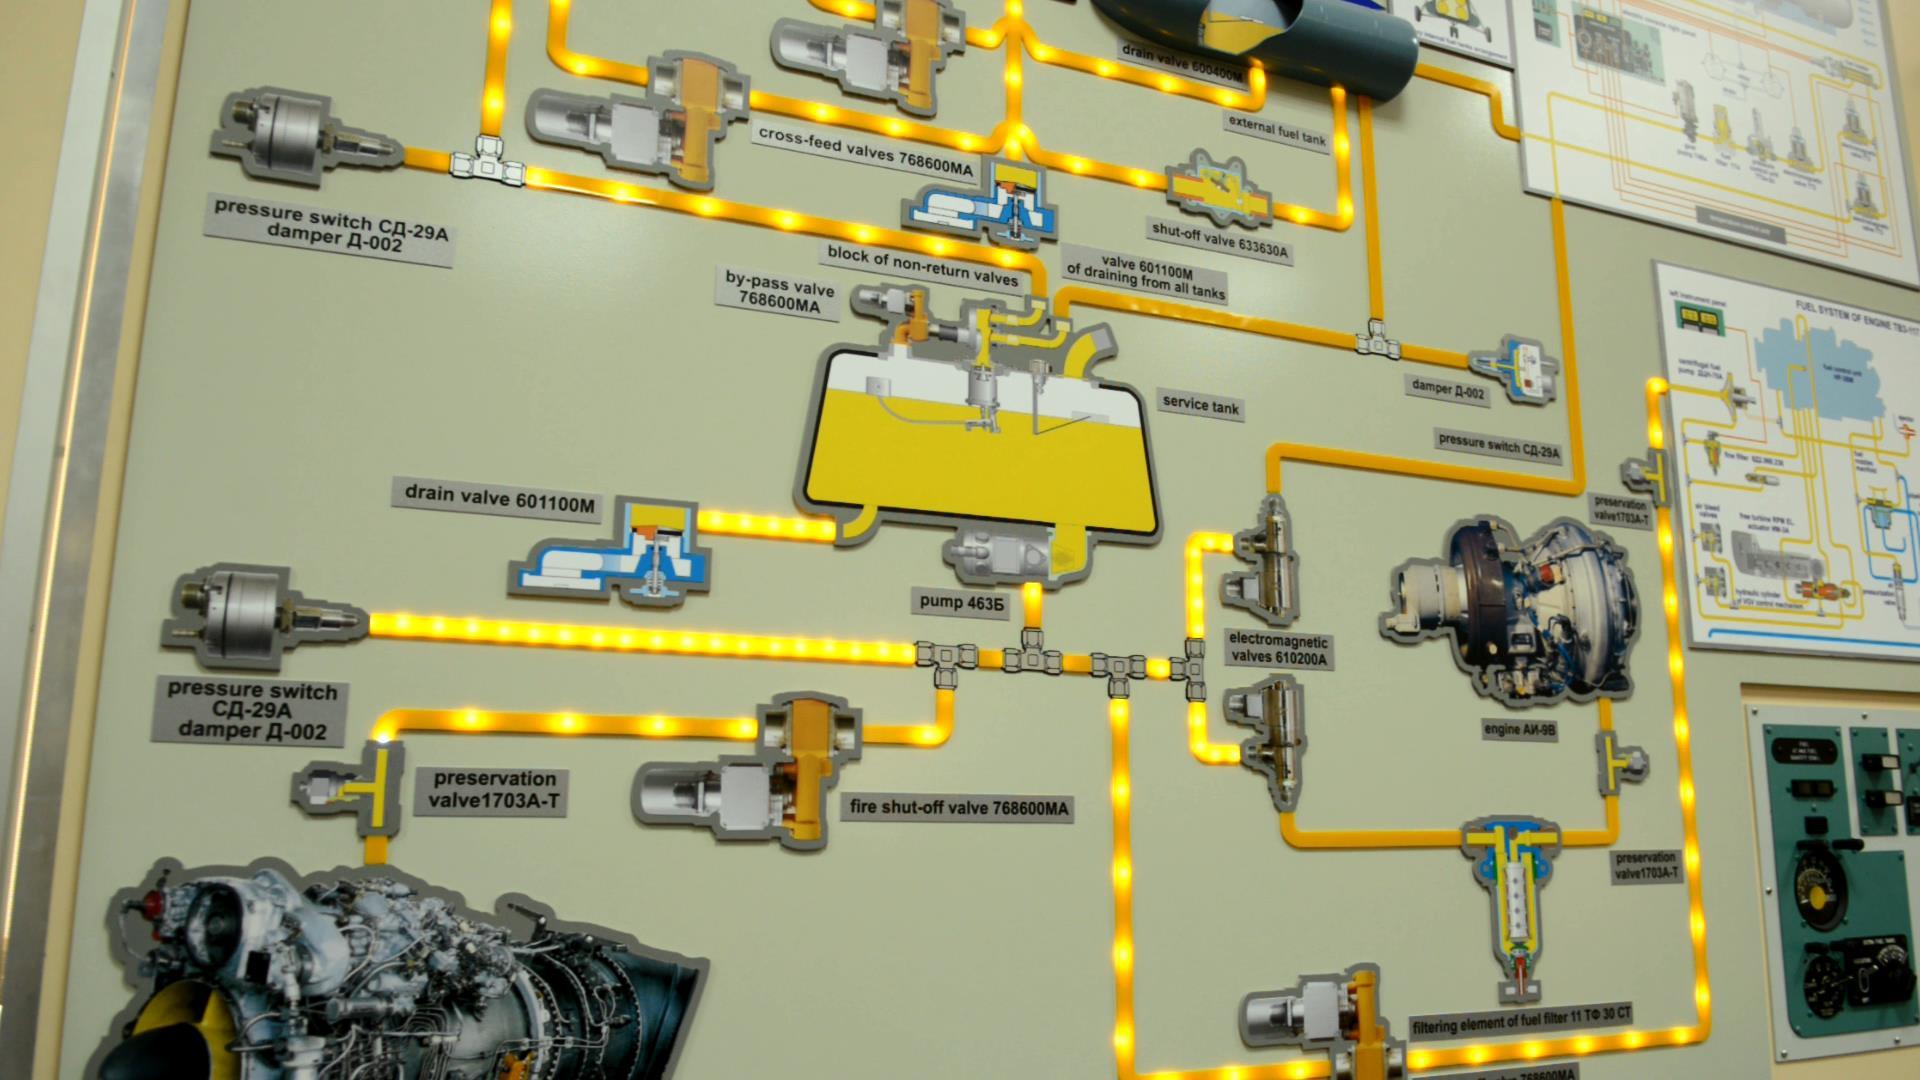 Інтереактивні навчальні стенди систем геліпкотерів Мі-8 Мі-17